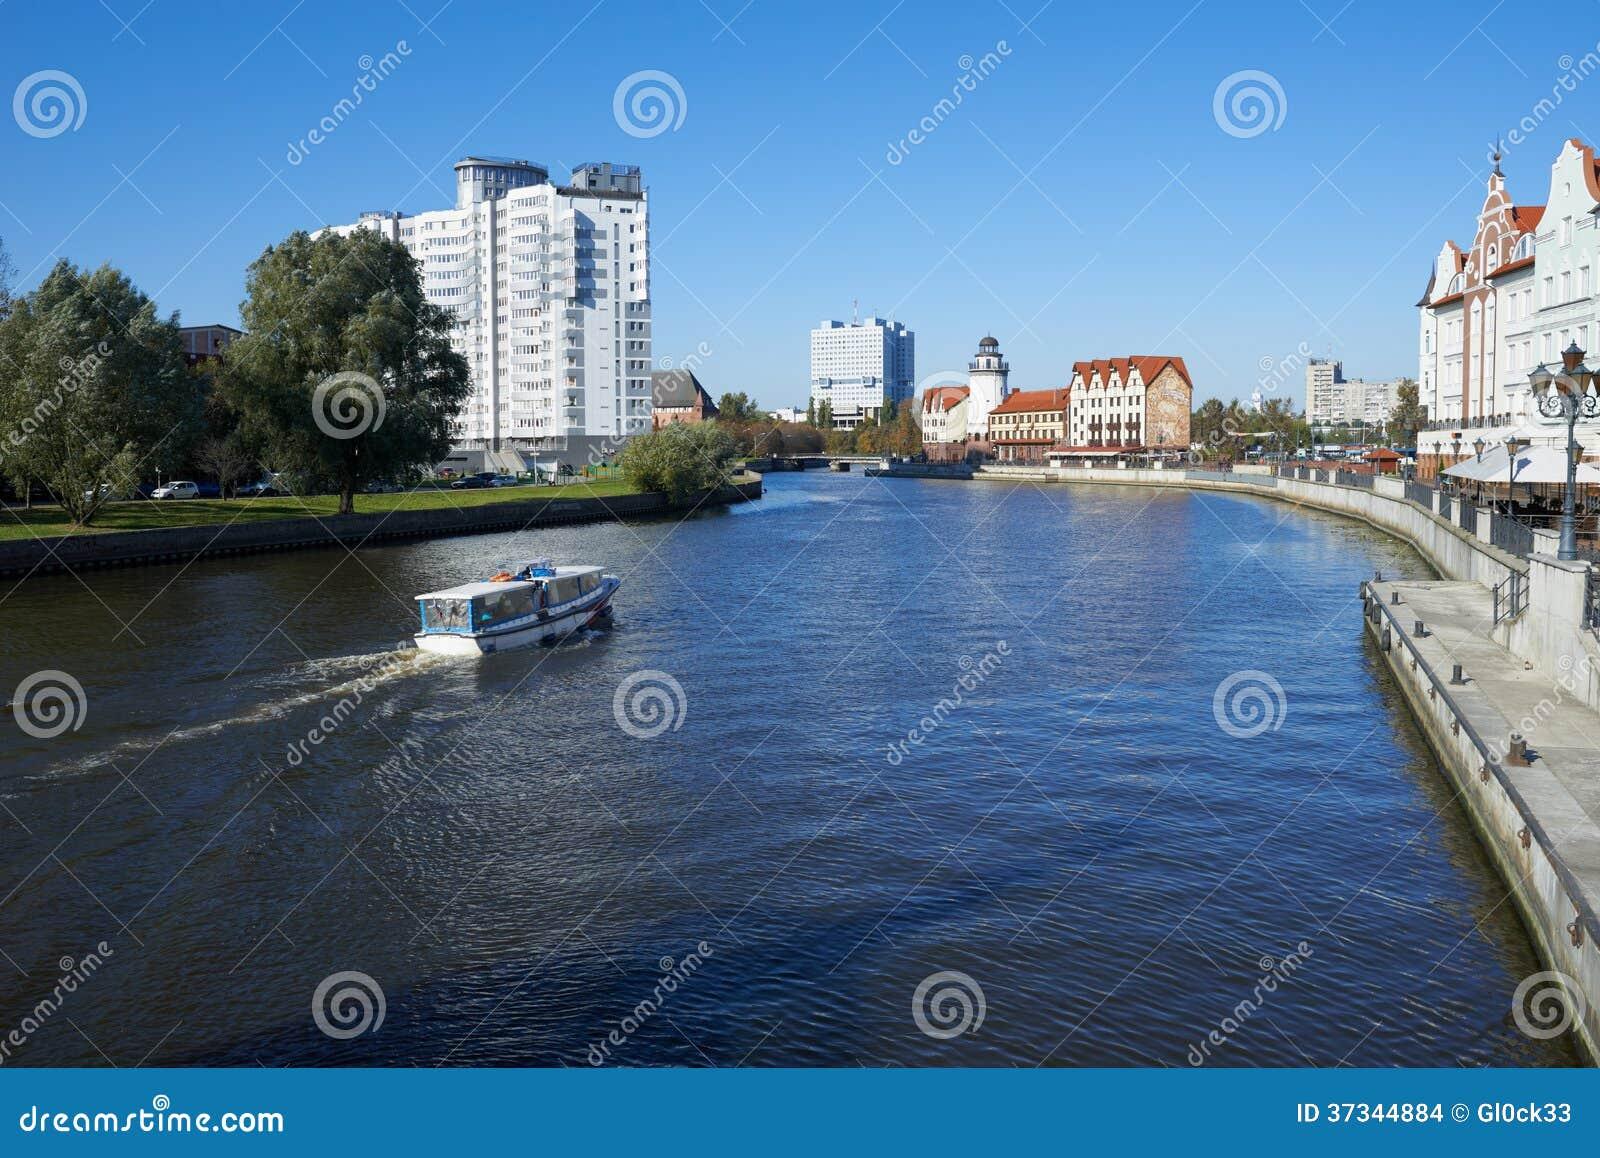 Ethnographic och handelmitt. Kaliningrad